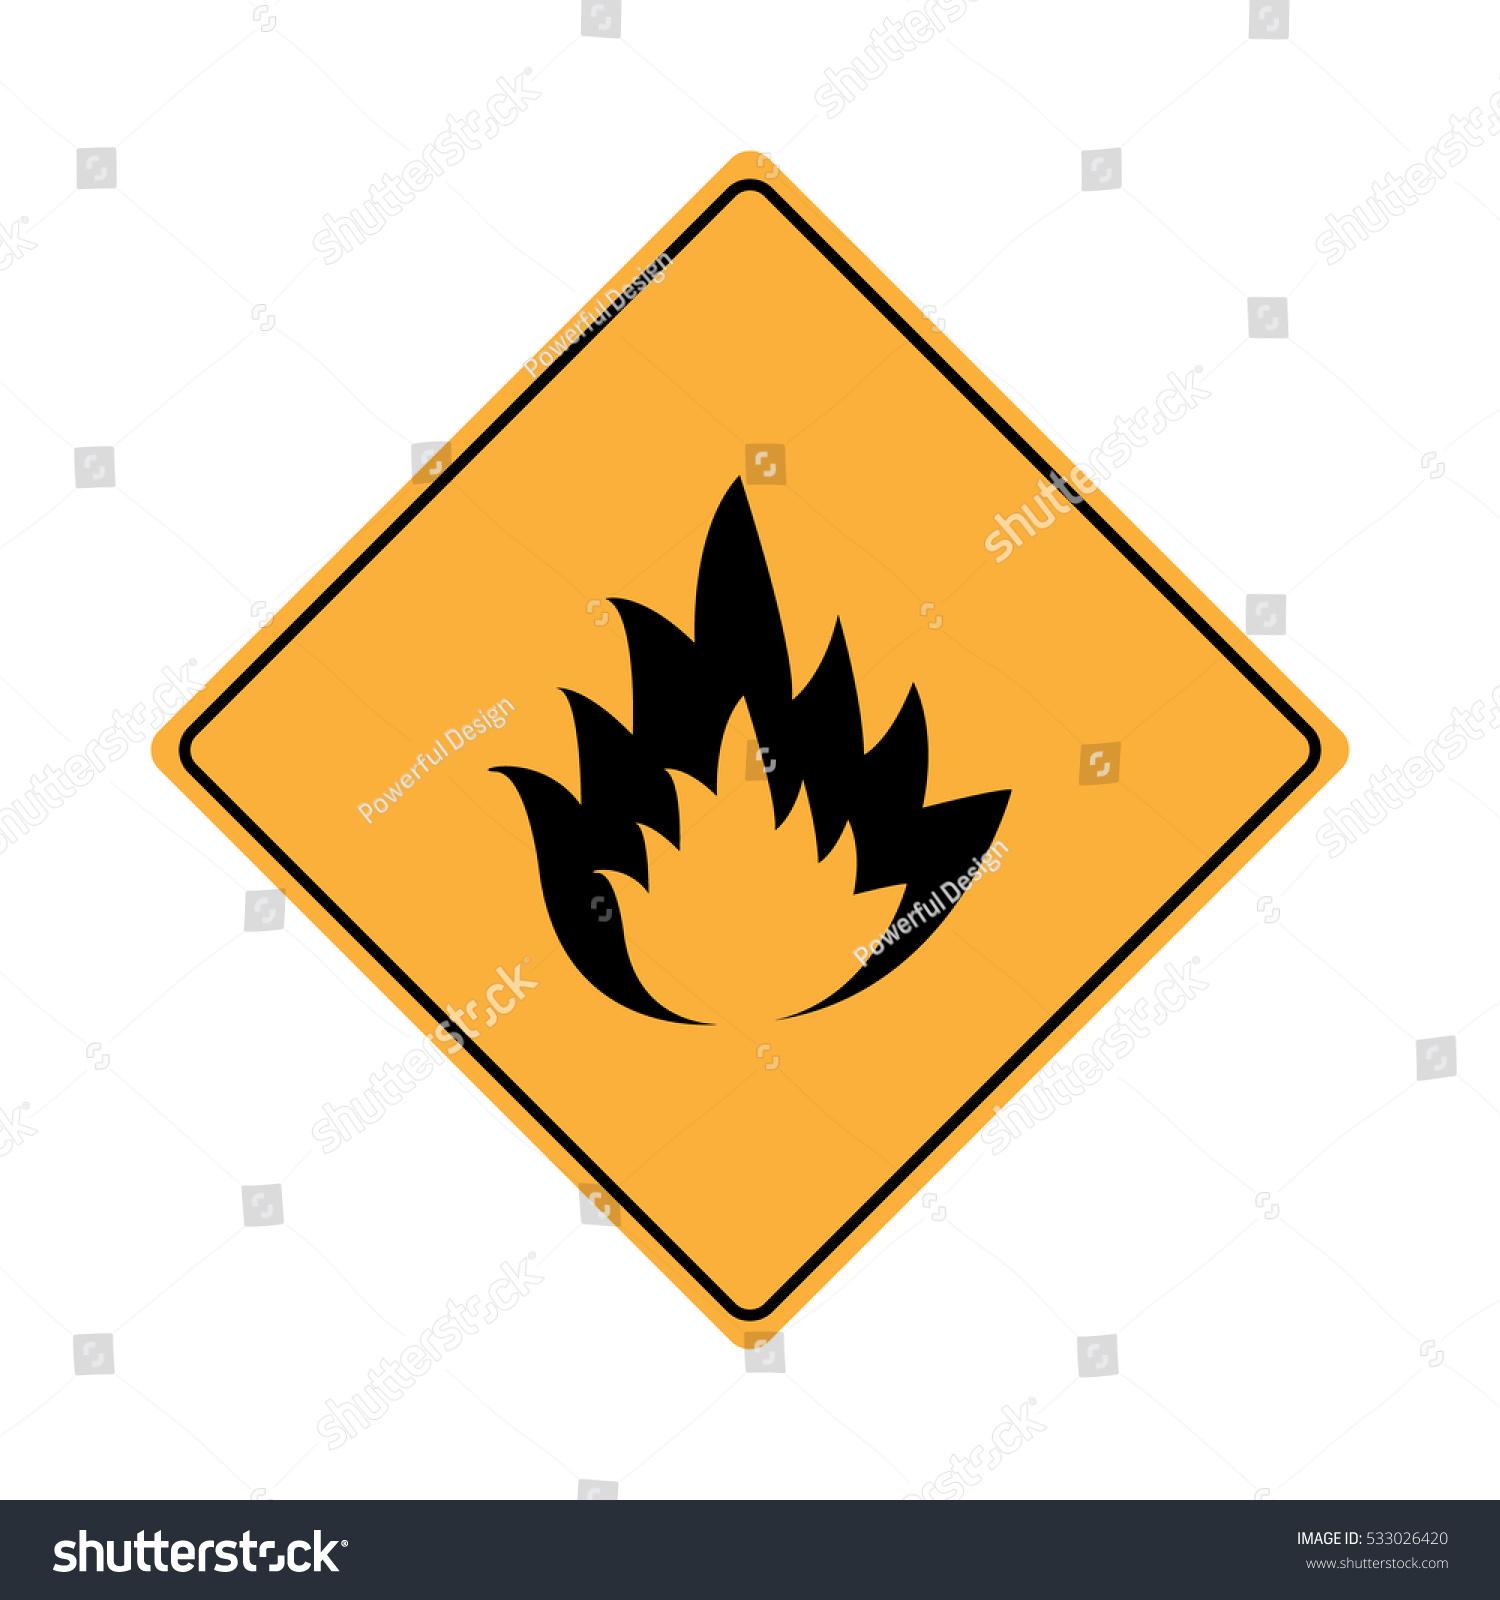 Warning flammable symbol image collections symbol and sign ideas warning flammable sign stock vector 533026420 shutterstock warning flammable sign buycottarizona buycottarizona